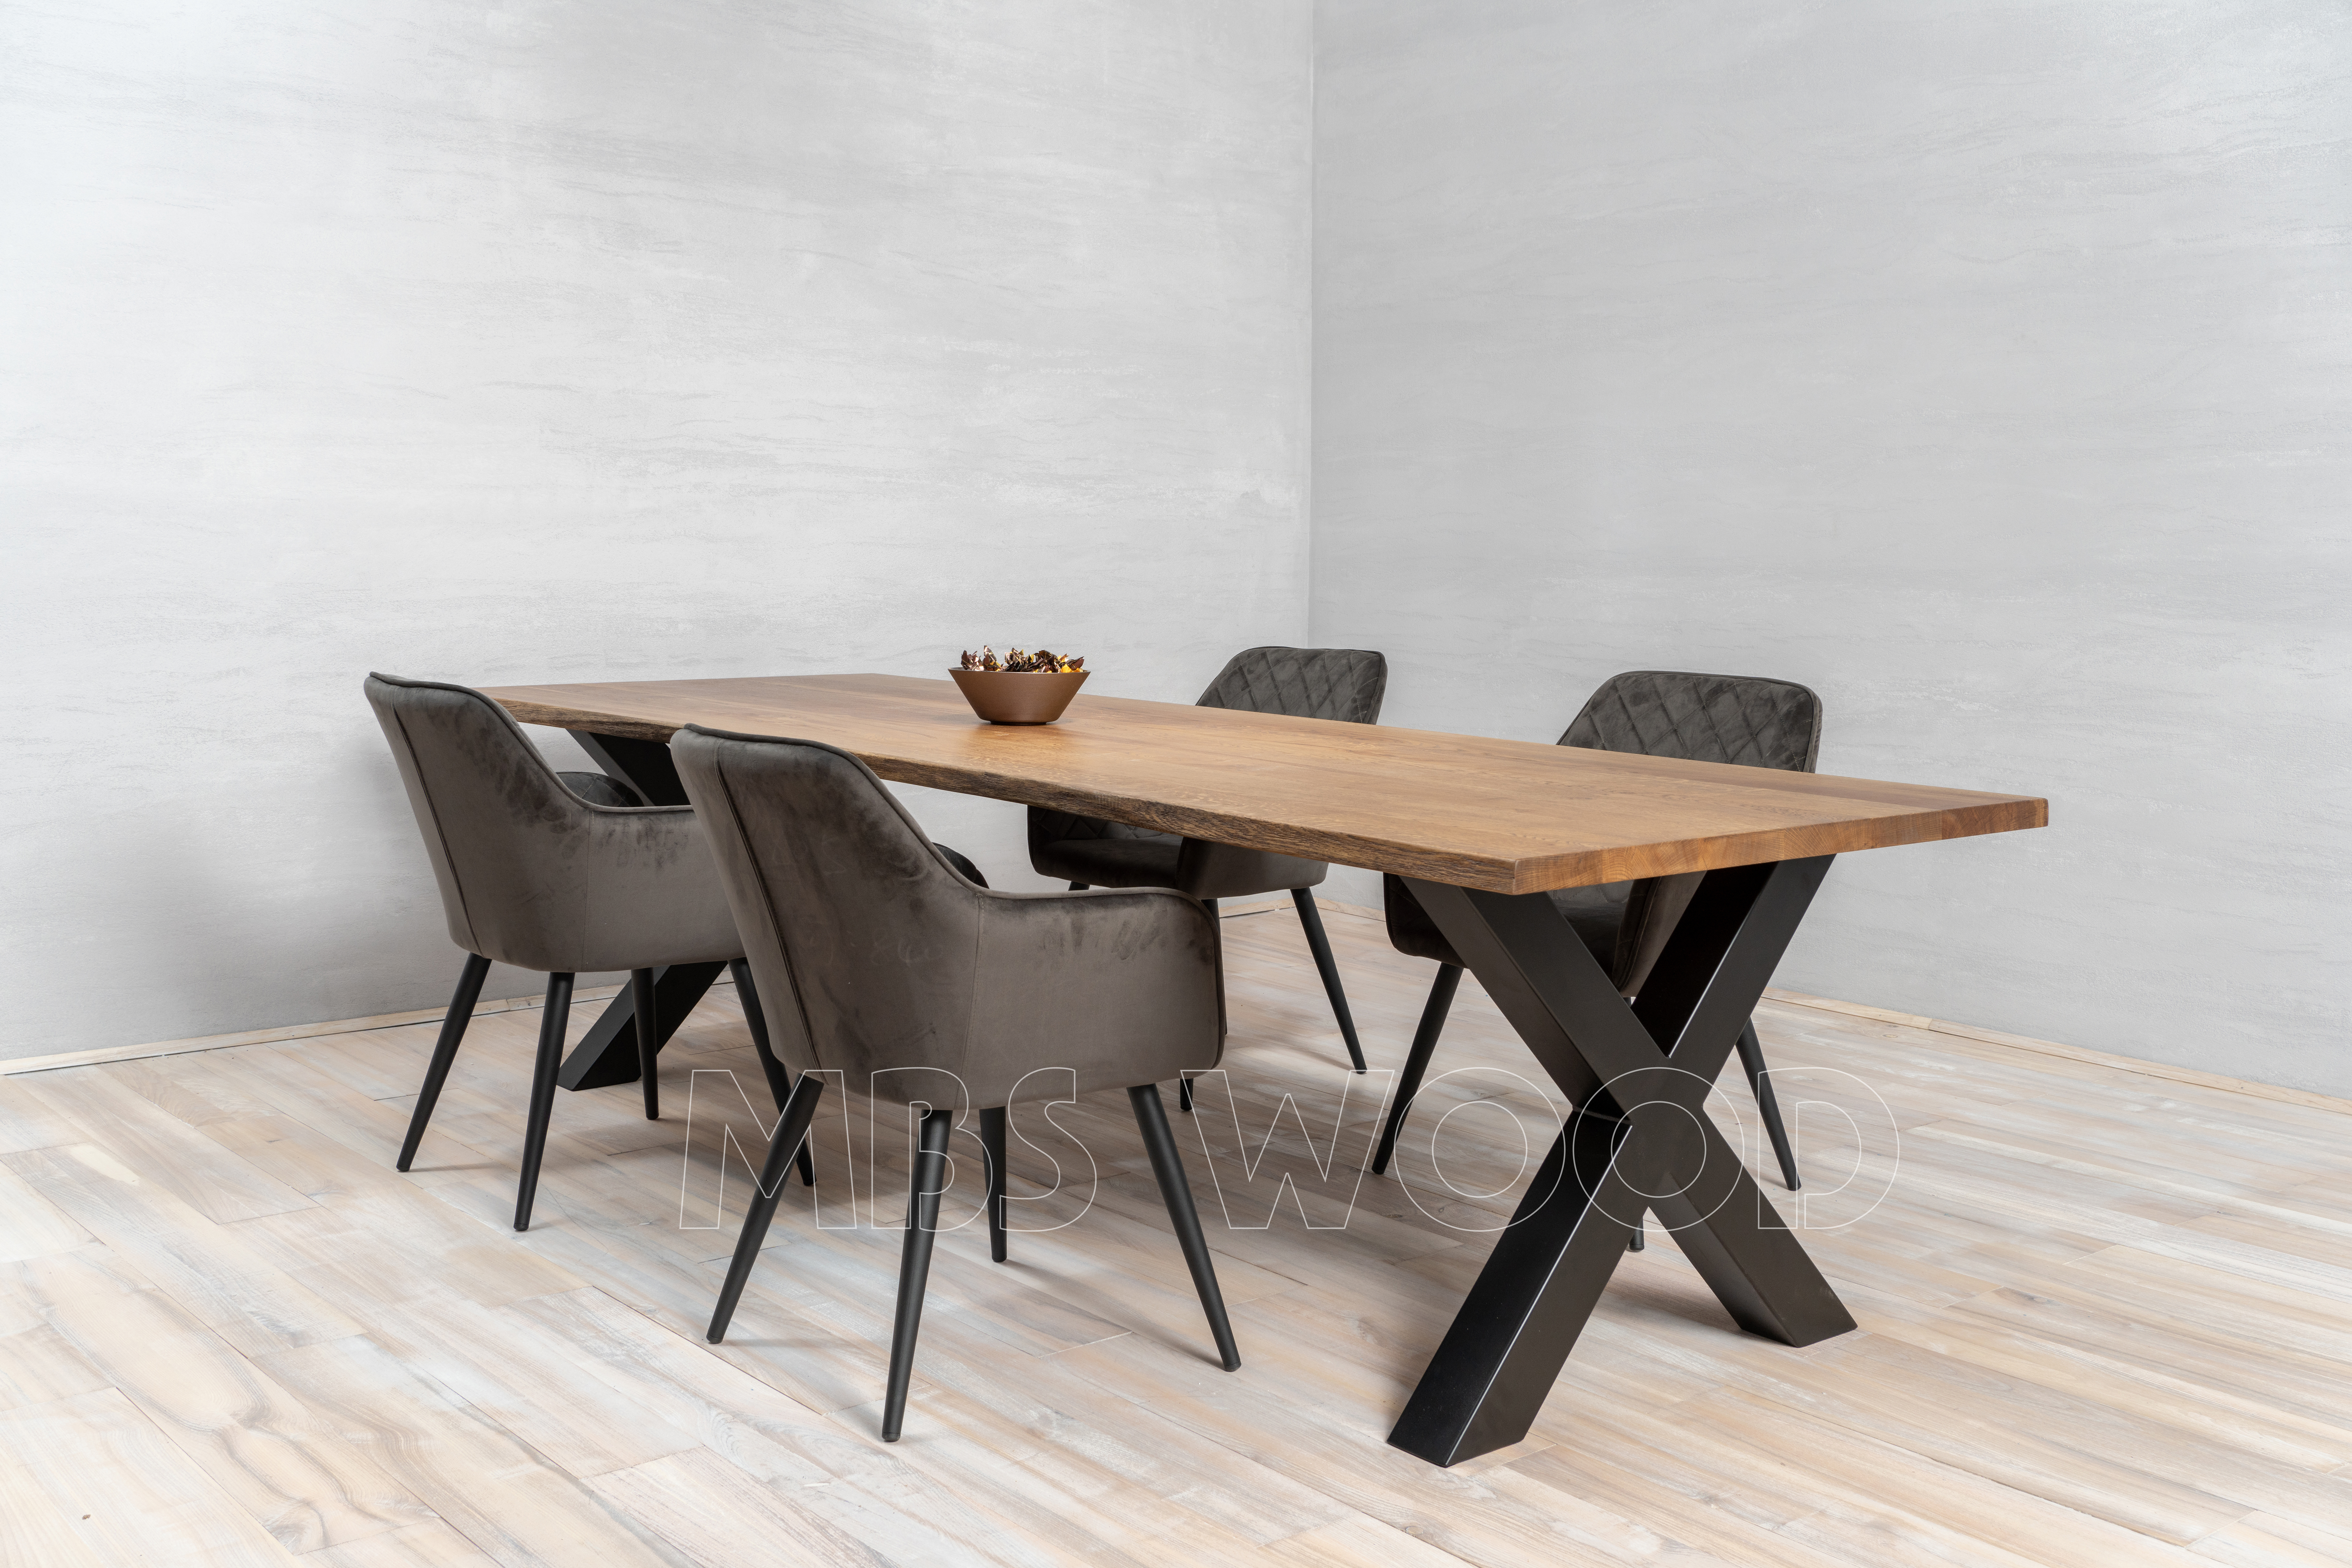 Production de tables en bois en chêne mbswood.com